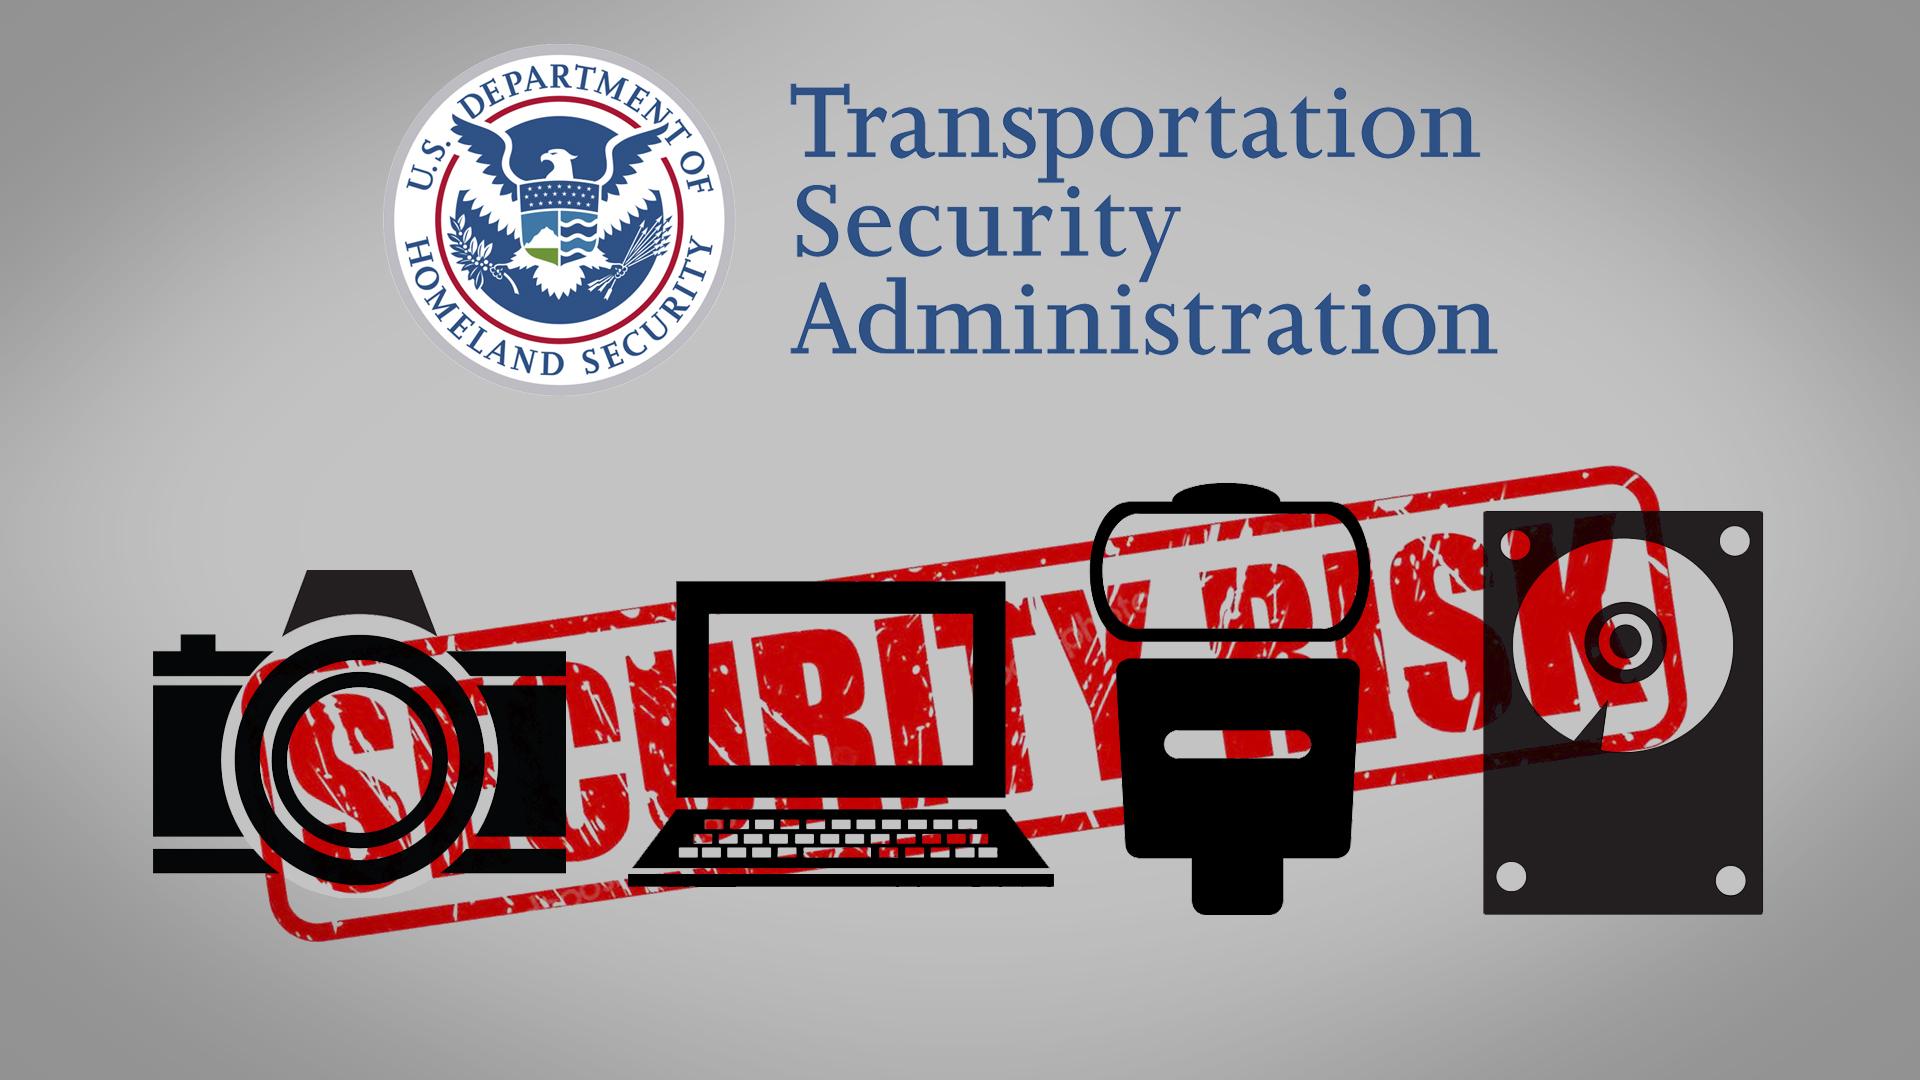 空港の手荷物検査がますます厳しく - TSAが新安全基準を発表